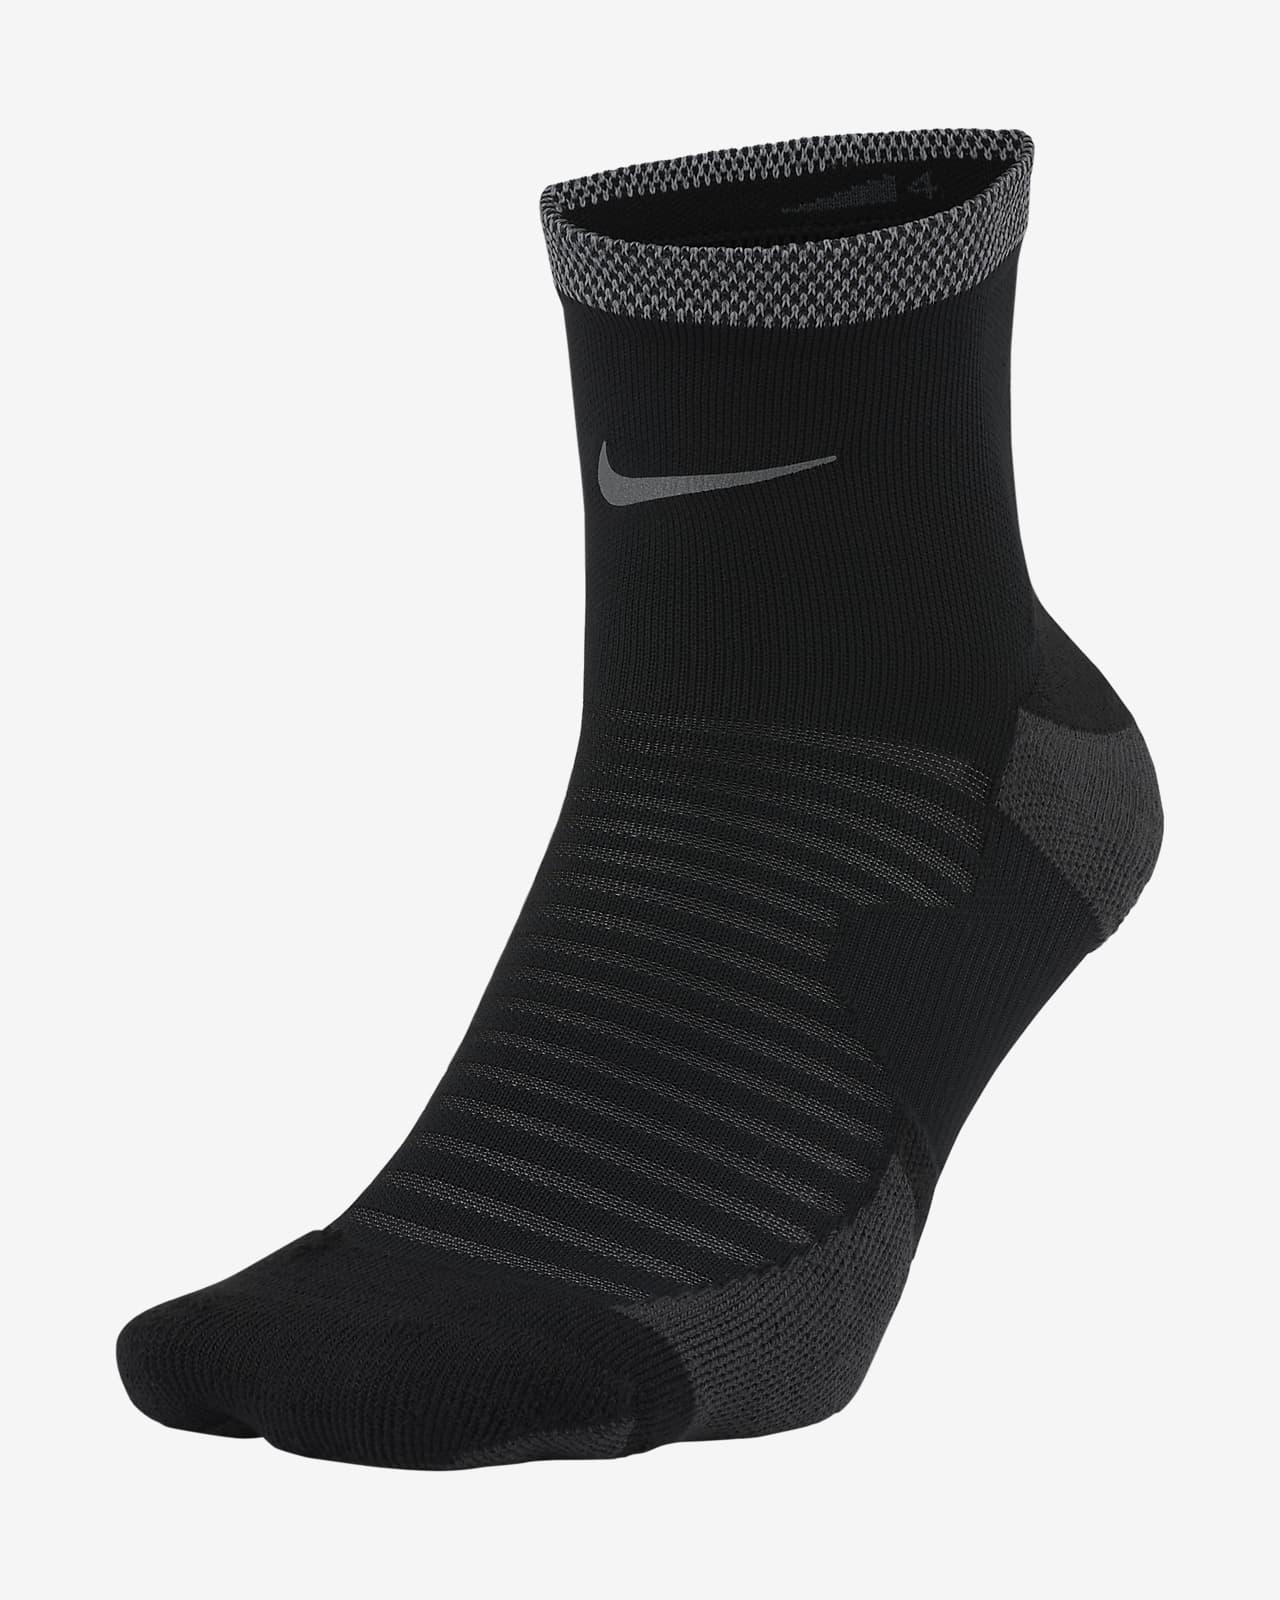 Běžecké kotníkové ponožky Nike Spark svycpávkami